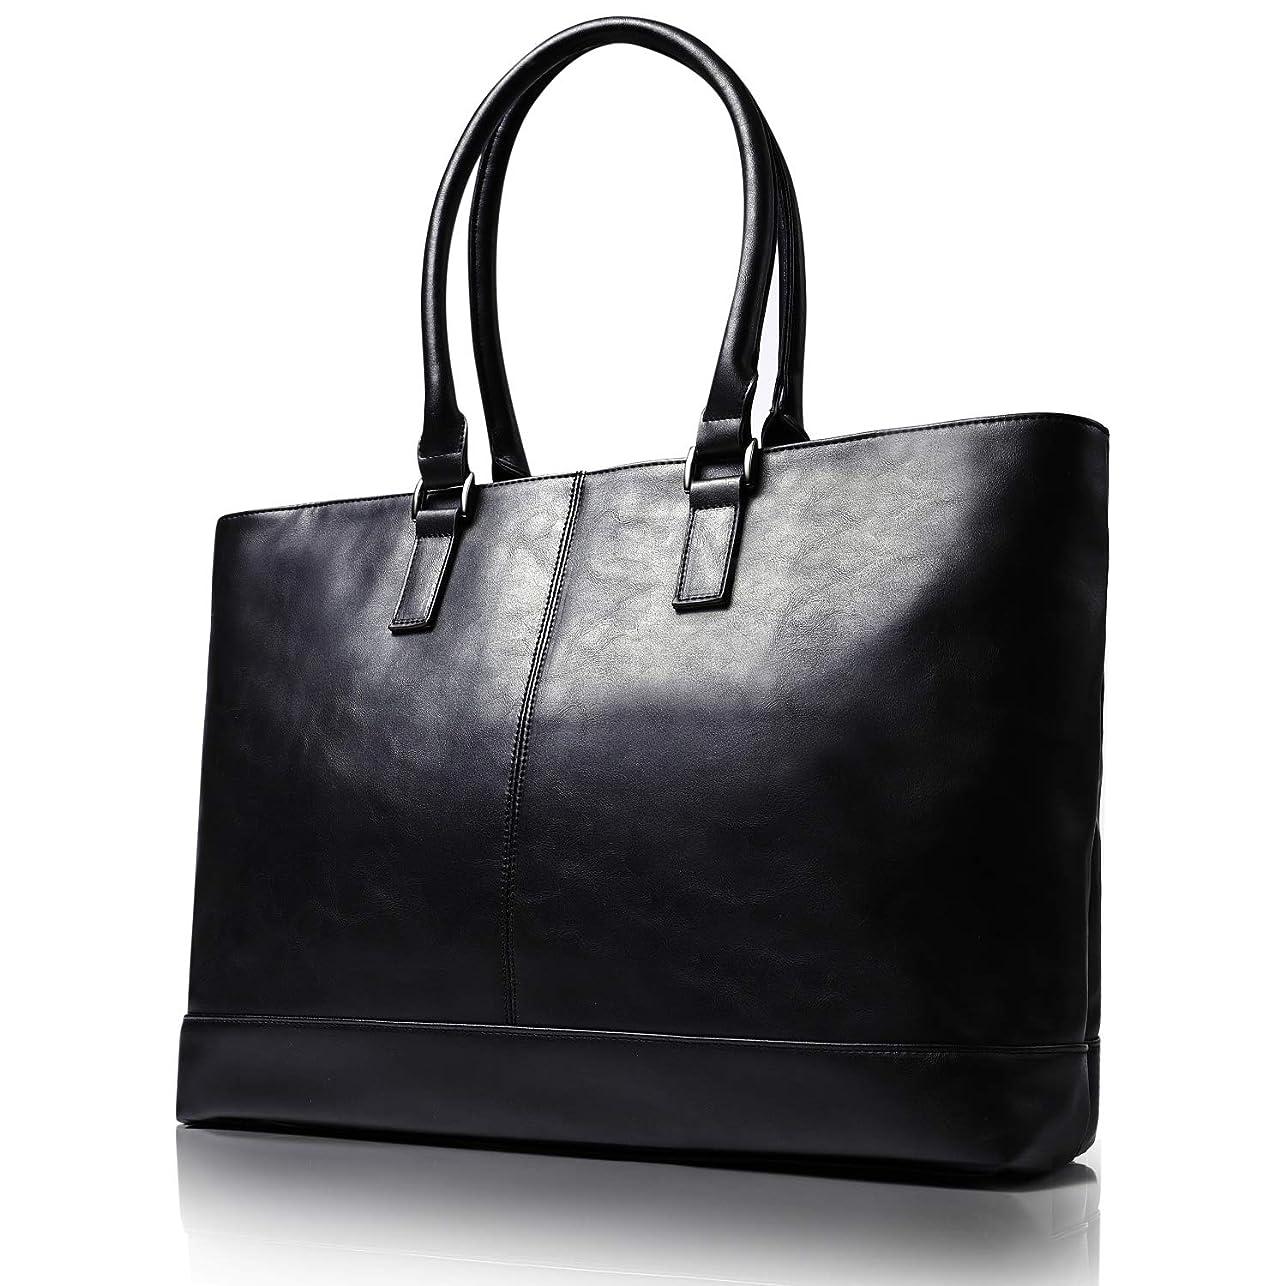 好ましい謝罪するスキャンダラスビジネストートバッグ メンズ トート バッグ 大容量 ビジネスバッグ 自立 トートバッグ